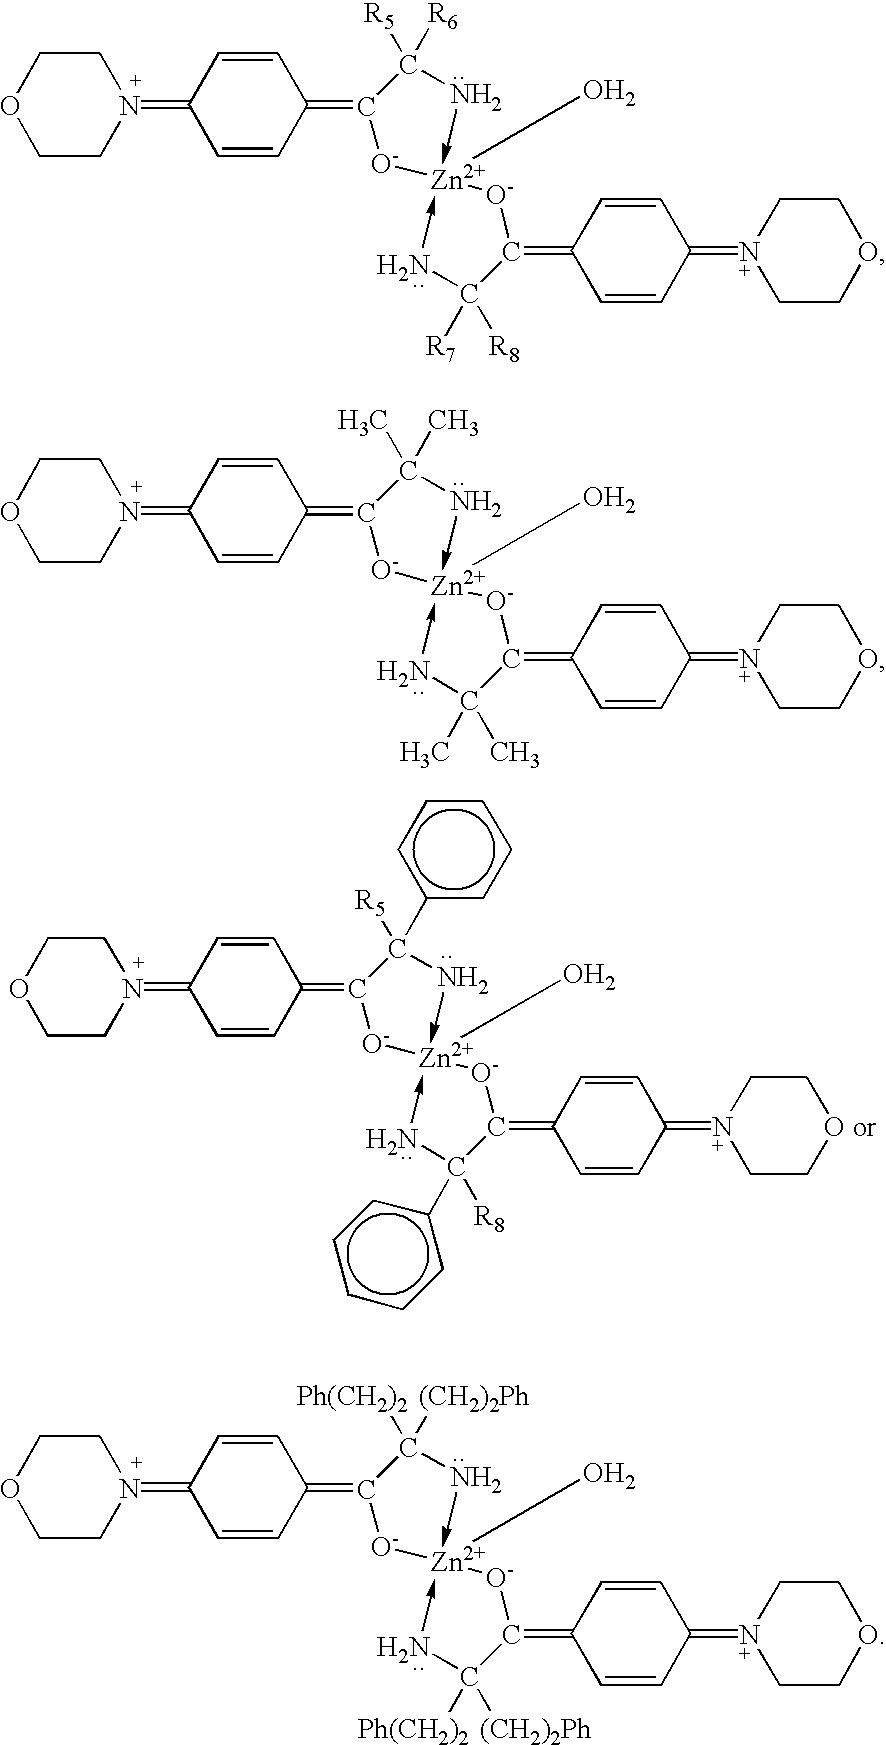 Figure US06486227-20021126-C00021